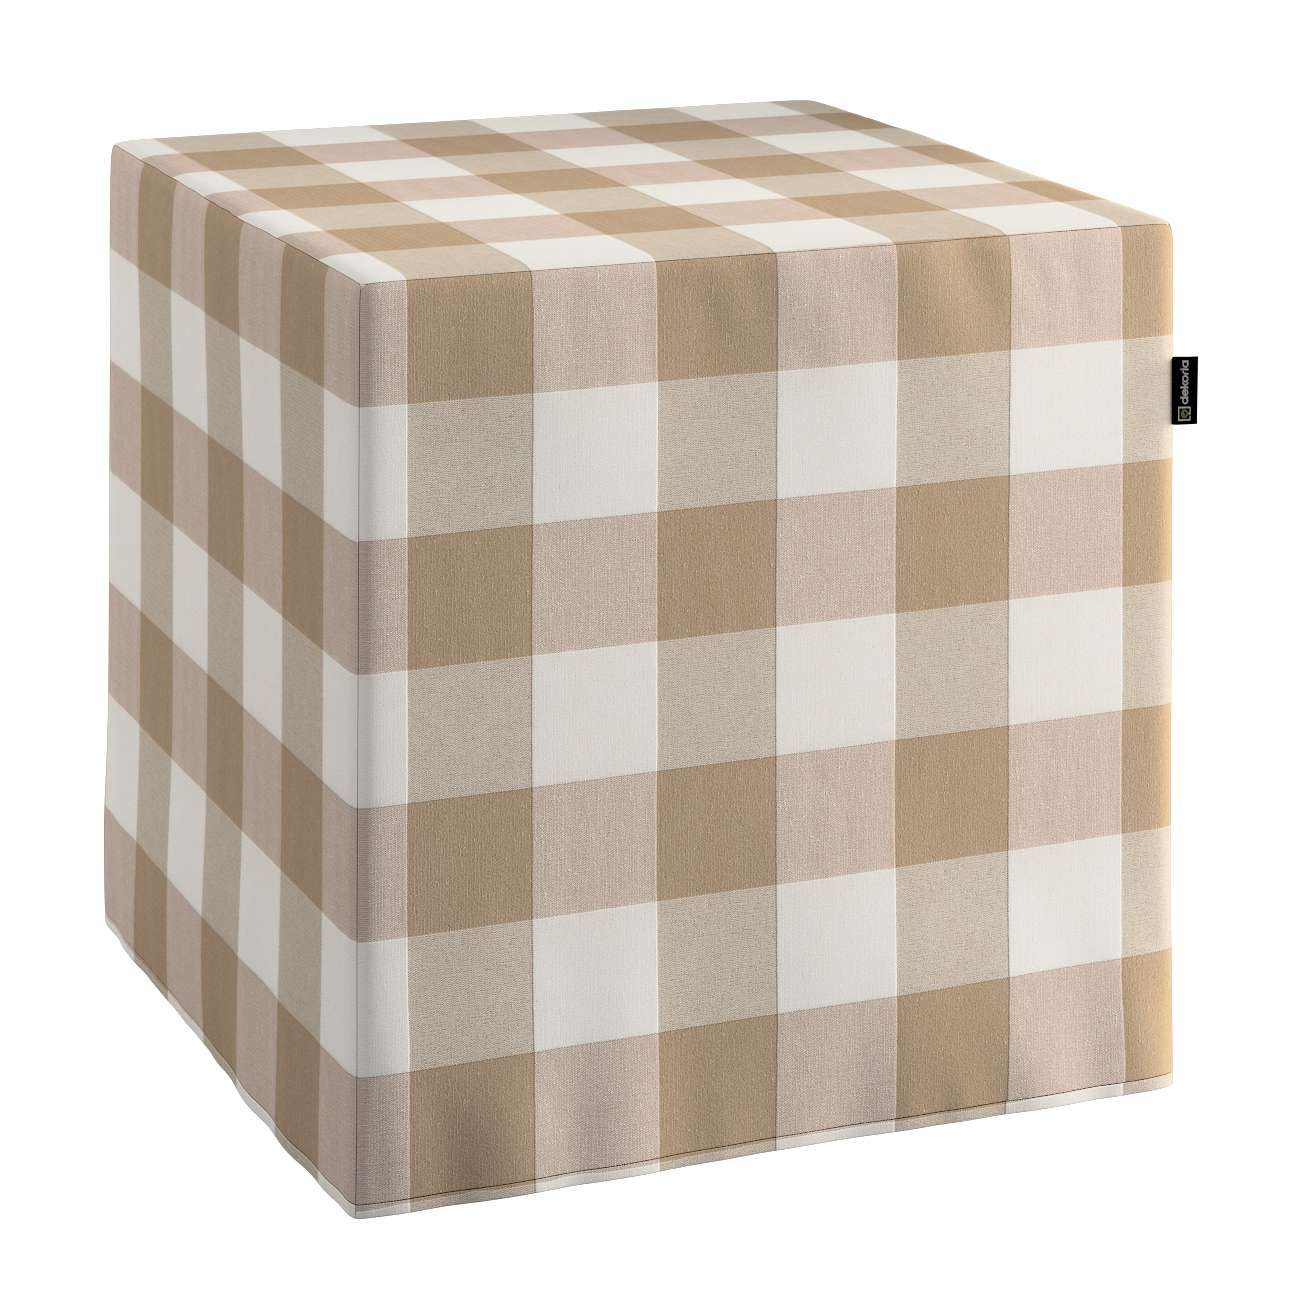 Pokrowiec na pufę kostke w kolekcji Quadro, tkanina: 136-08